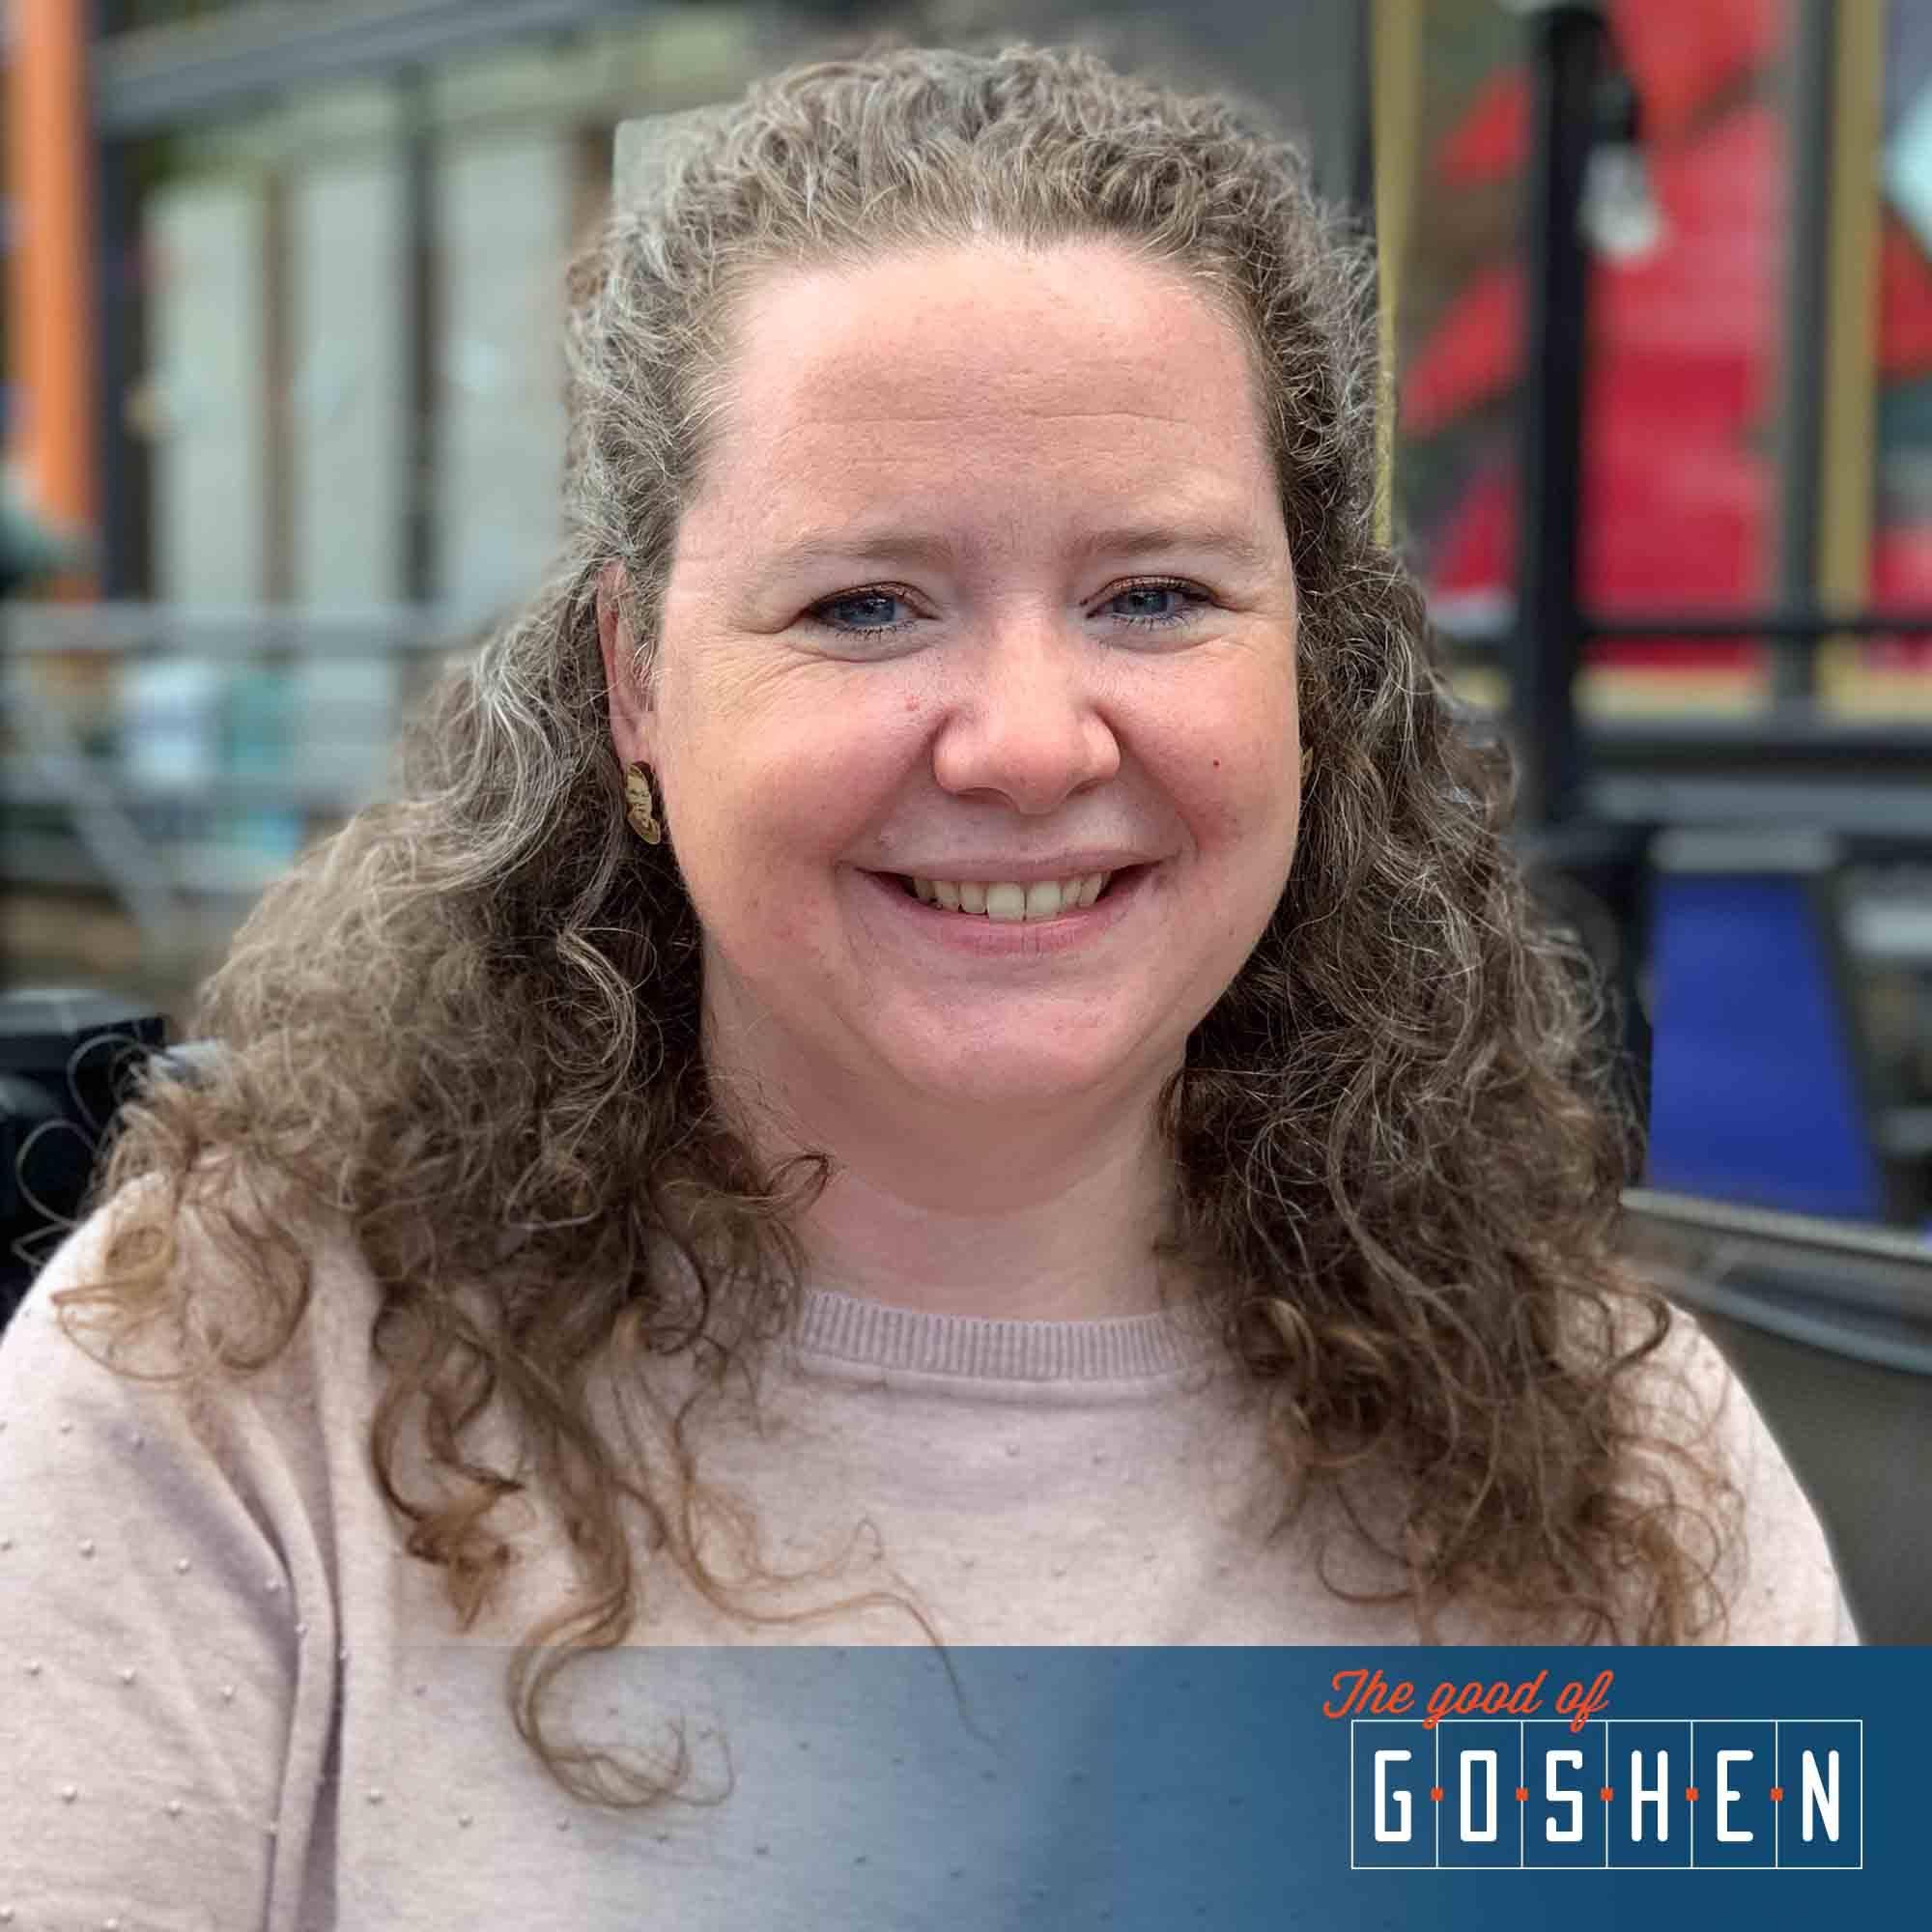 Megan Hessl • The Good of Goshen